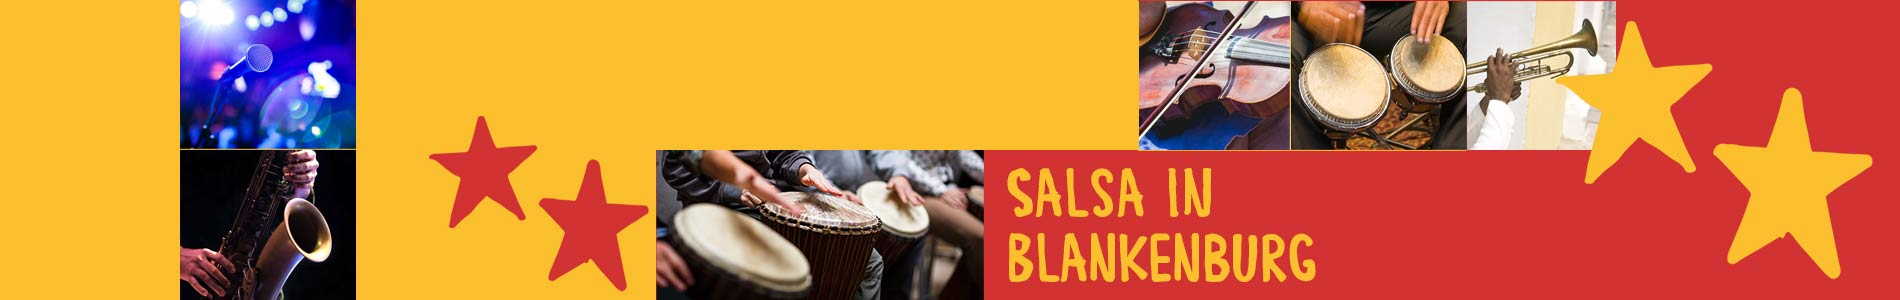 Salsa in Blankenburg – Salsa lernen und tanzen, Tanzkurse, Partys, Veranstaltungen